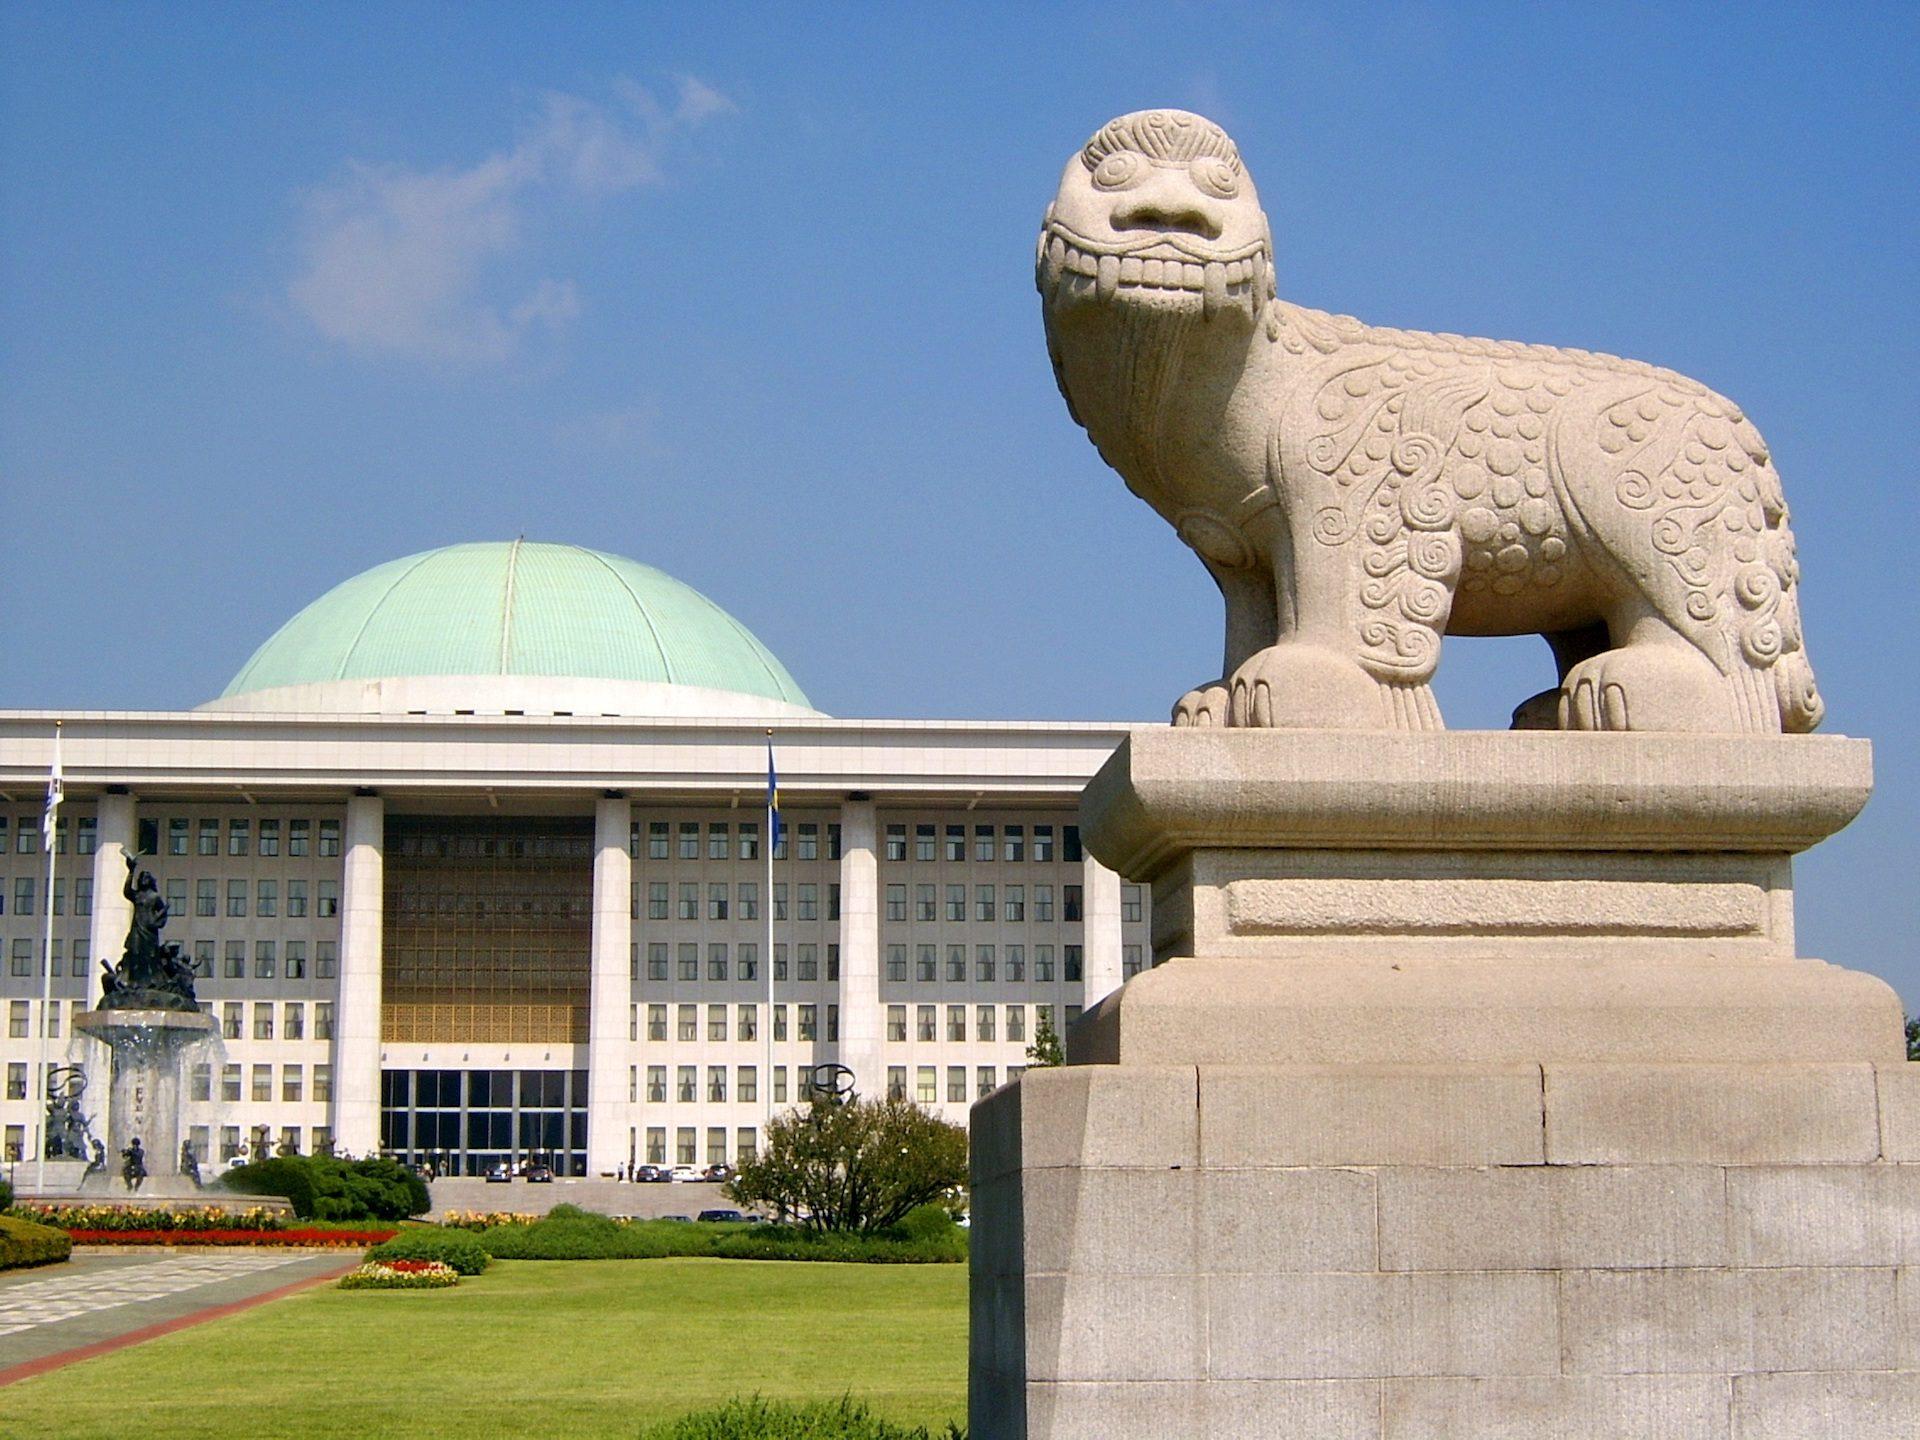 建设, 雕像, 议会, 大会, 国家, 韩国 - 高清壁纸 - 教授-falken.com